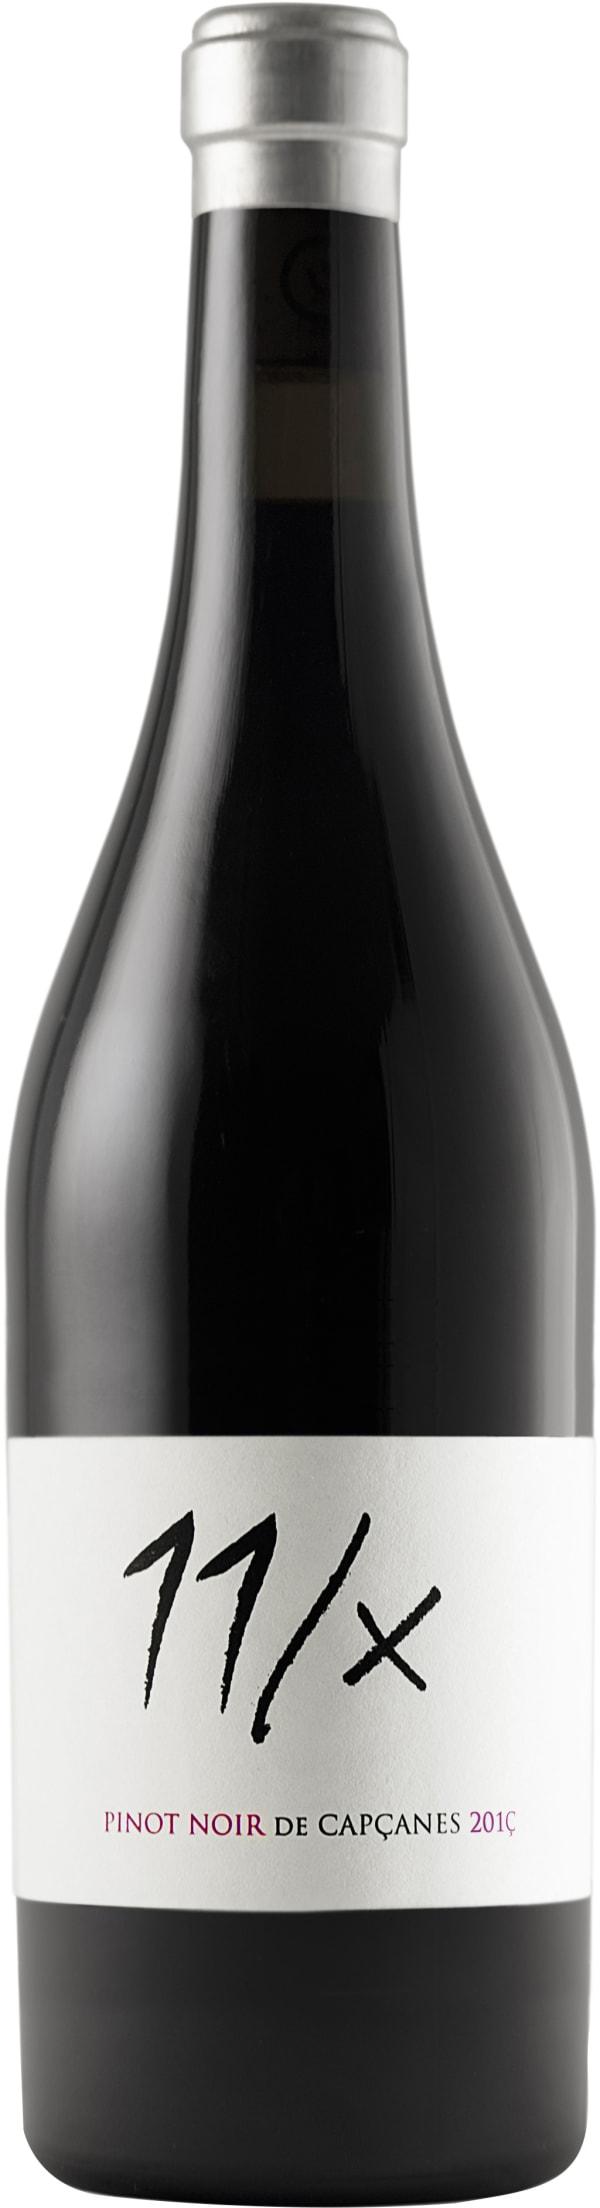 Pinot Noir 11/X 2016